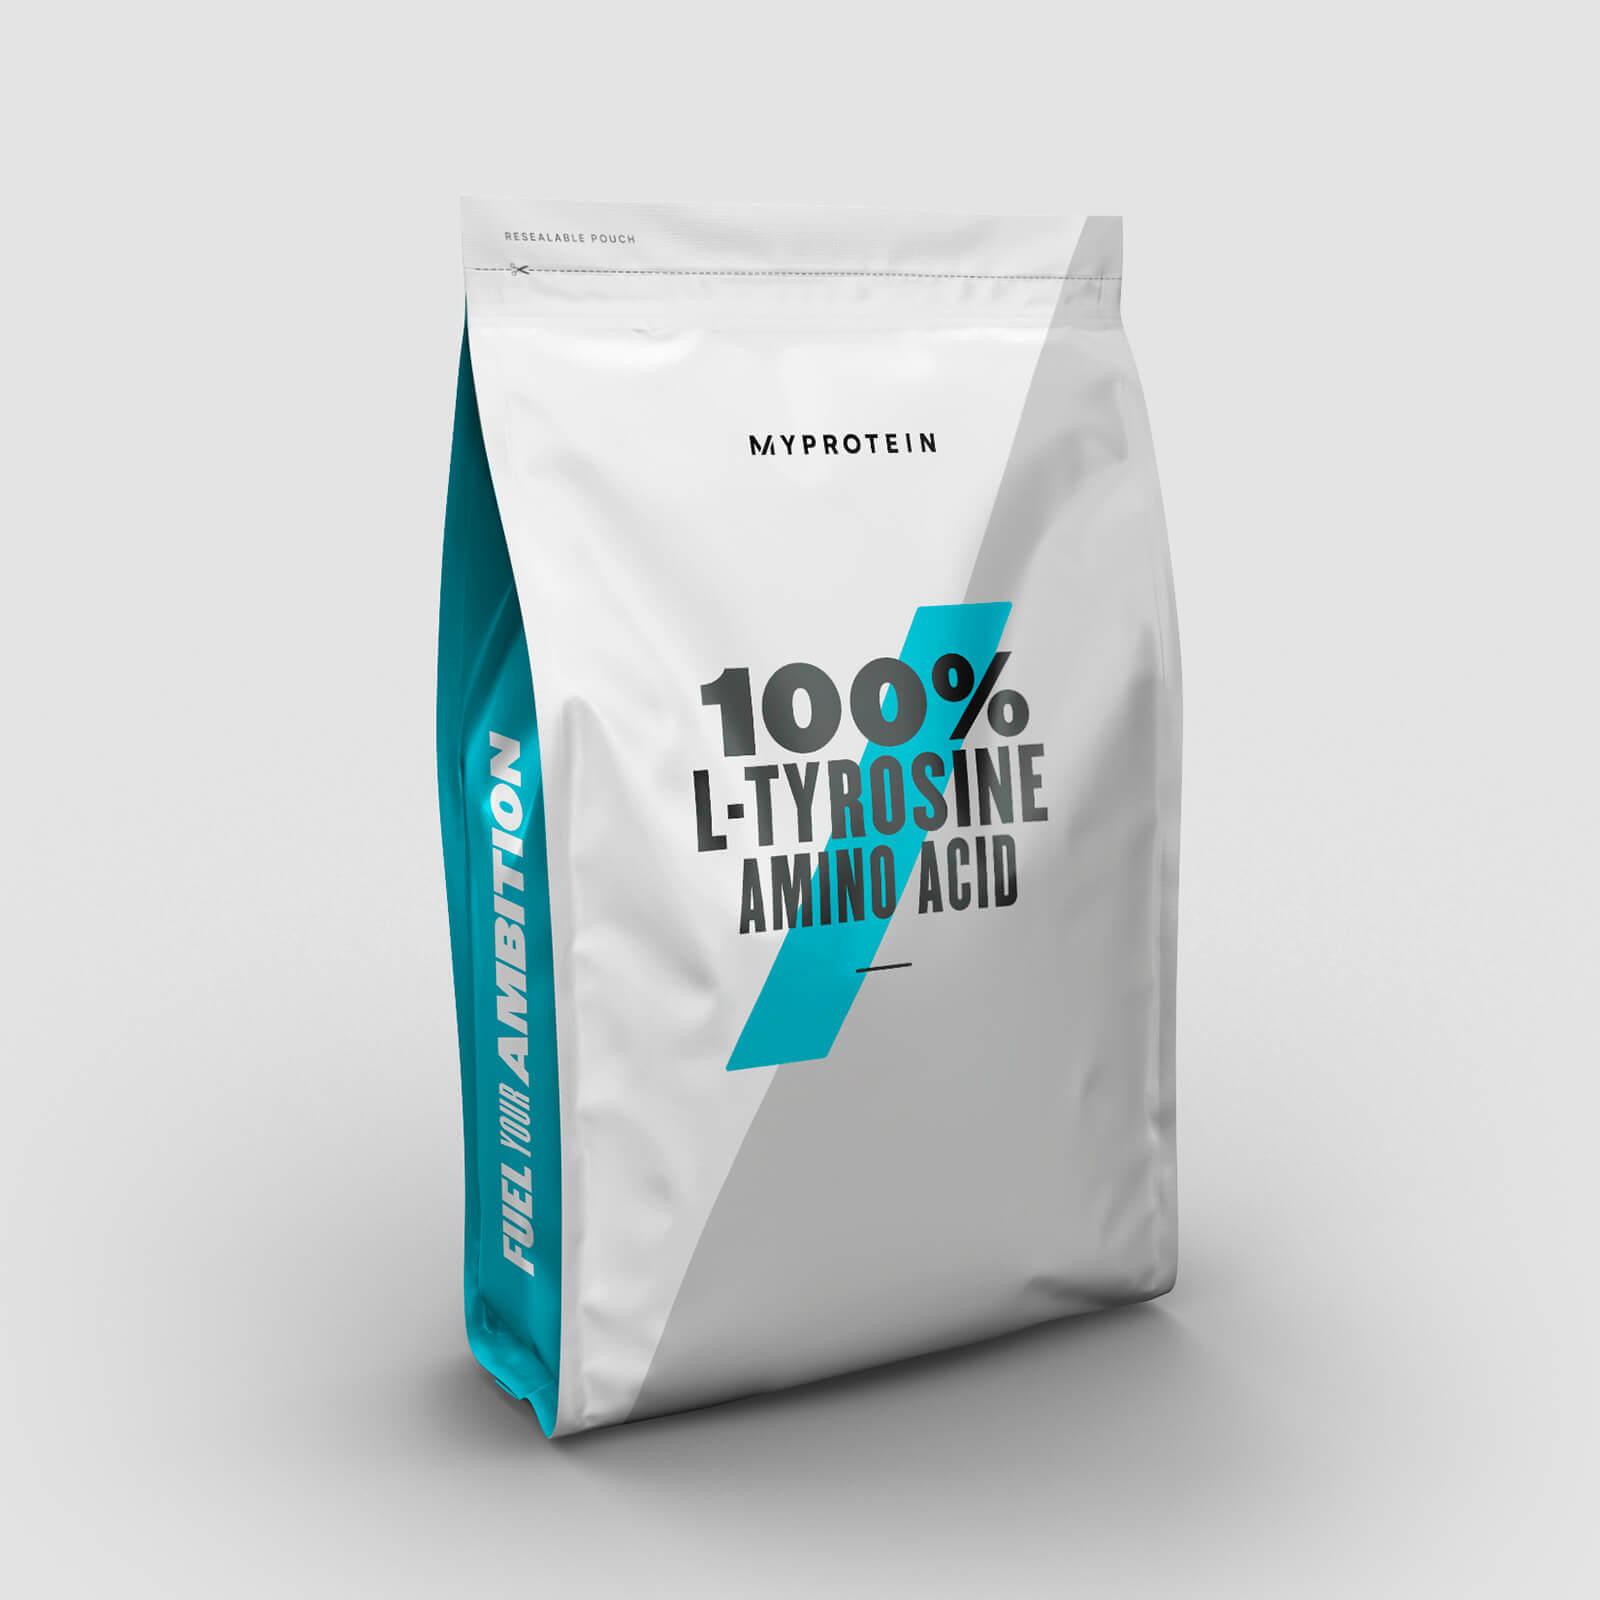 Myprotein 100% L-Τυροσίνη Αμυνοξύ - 500g - Χωρίς Γεύση